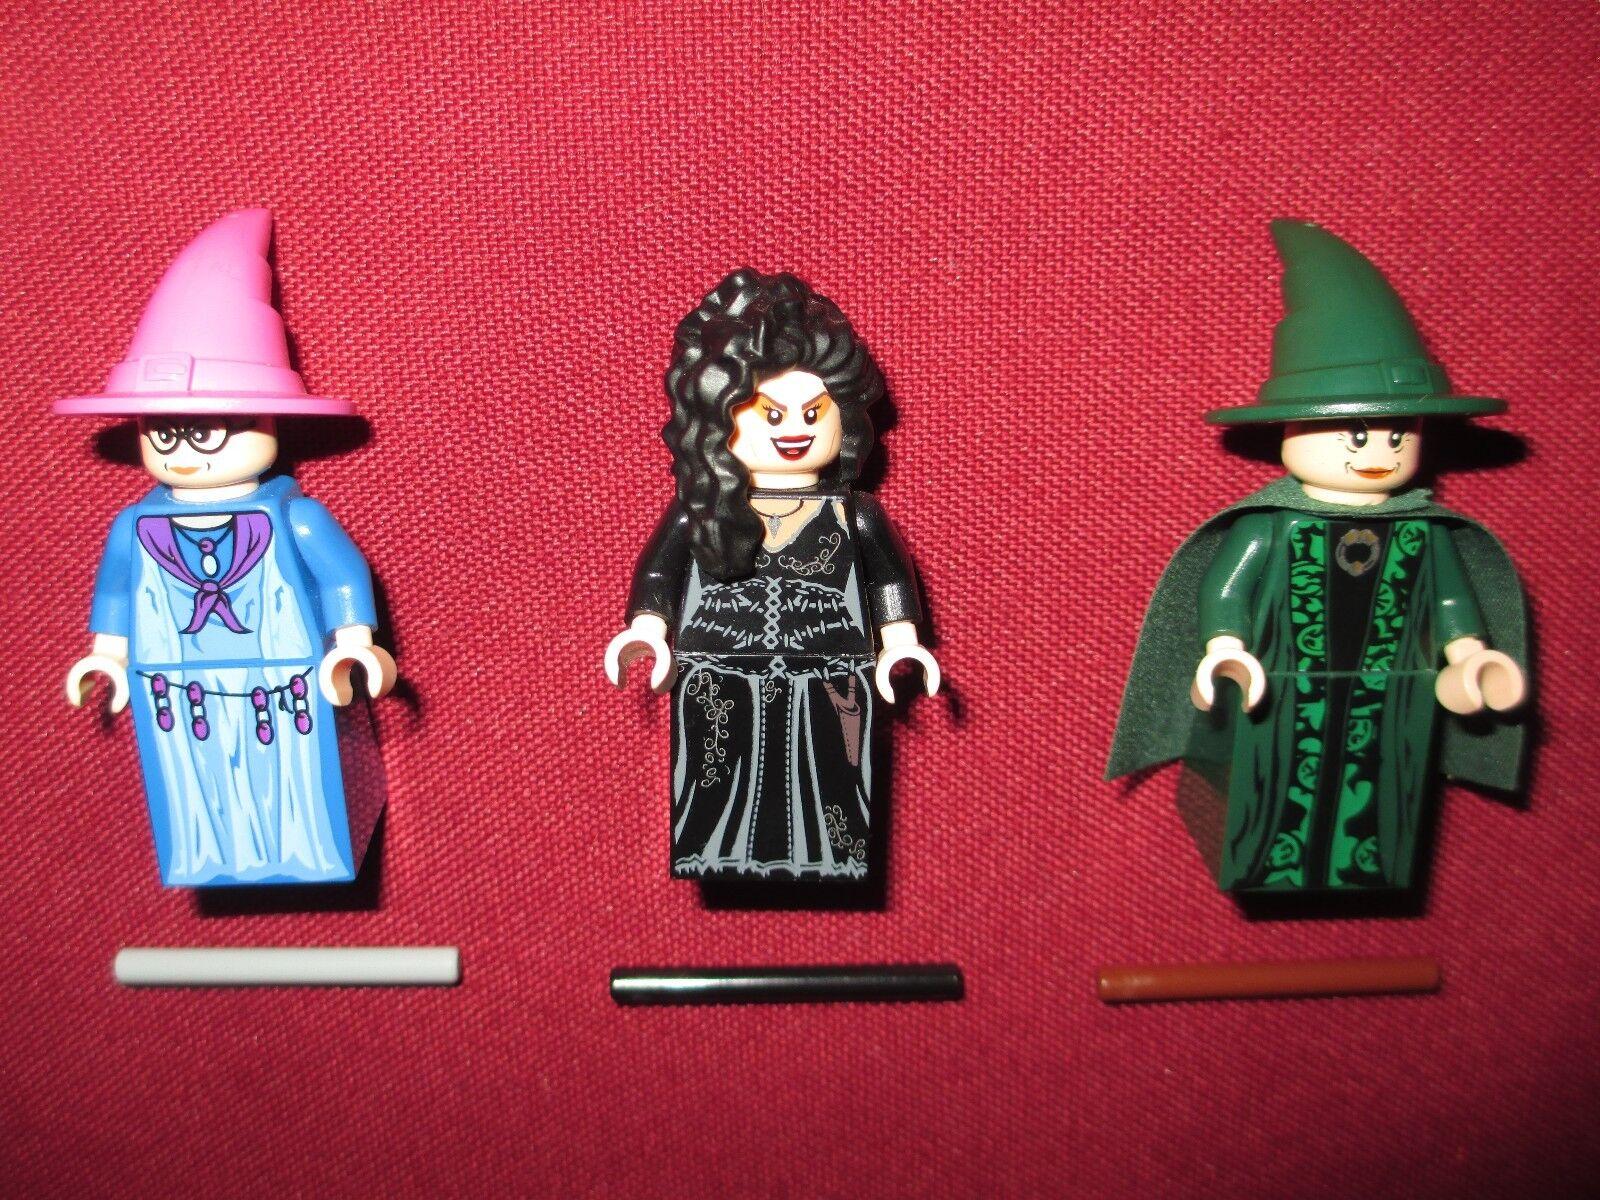 LEGO Harry Potter minifigures LOT TRELAWNEY,BELLATRIX,MCGONAGALL